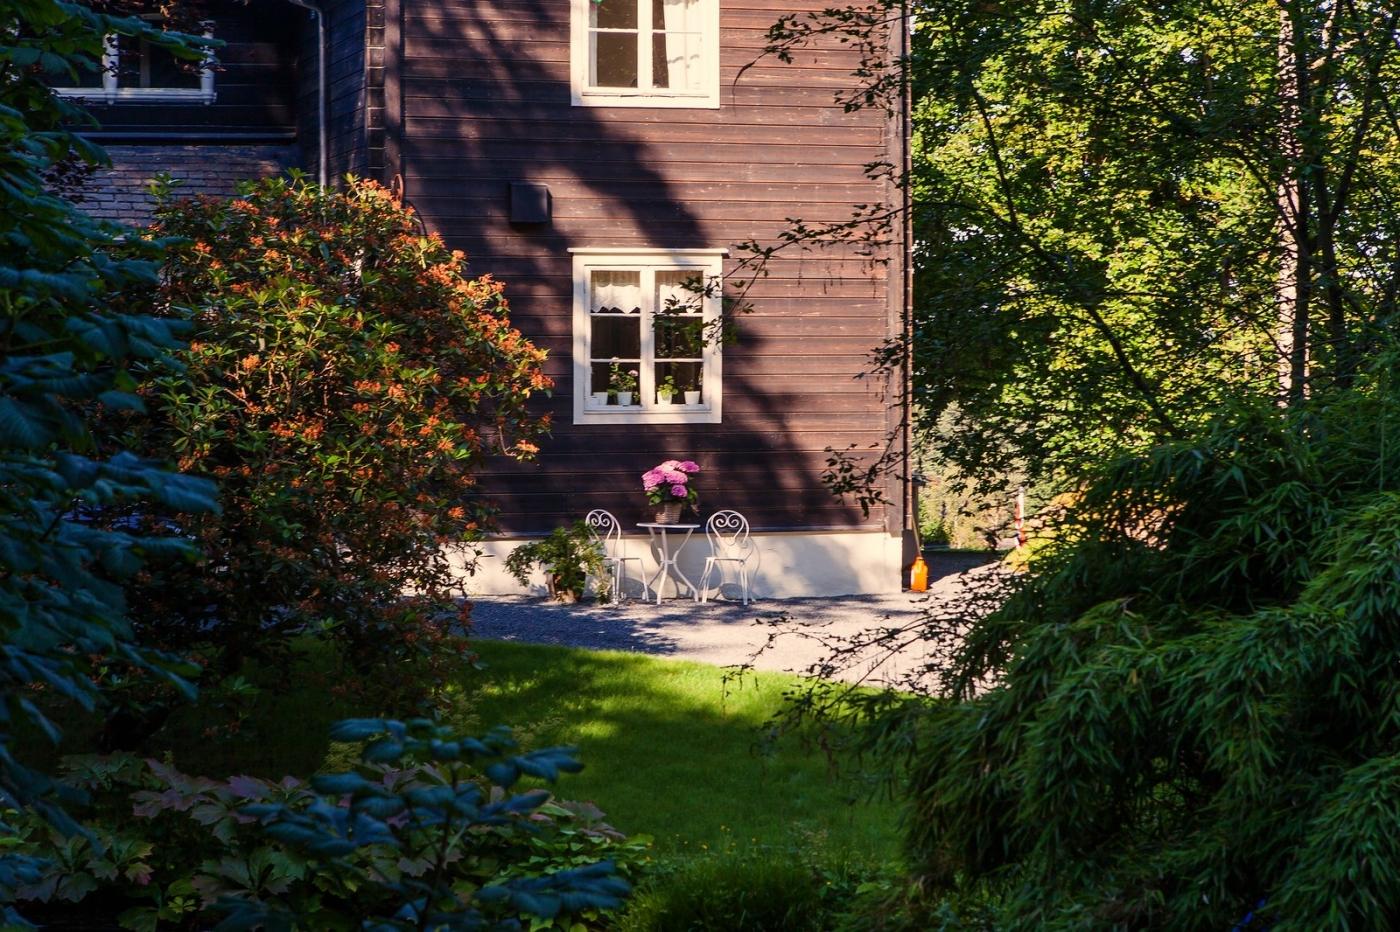 挪威作曲家爱德华-格里格,故居环境很漂亮_图1-7